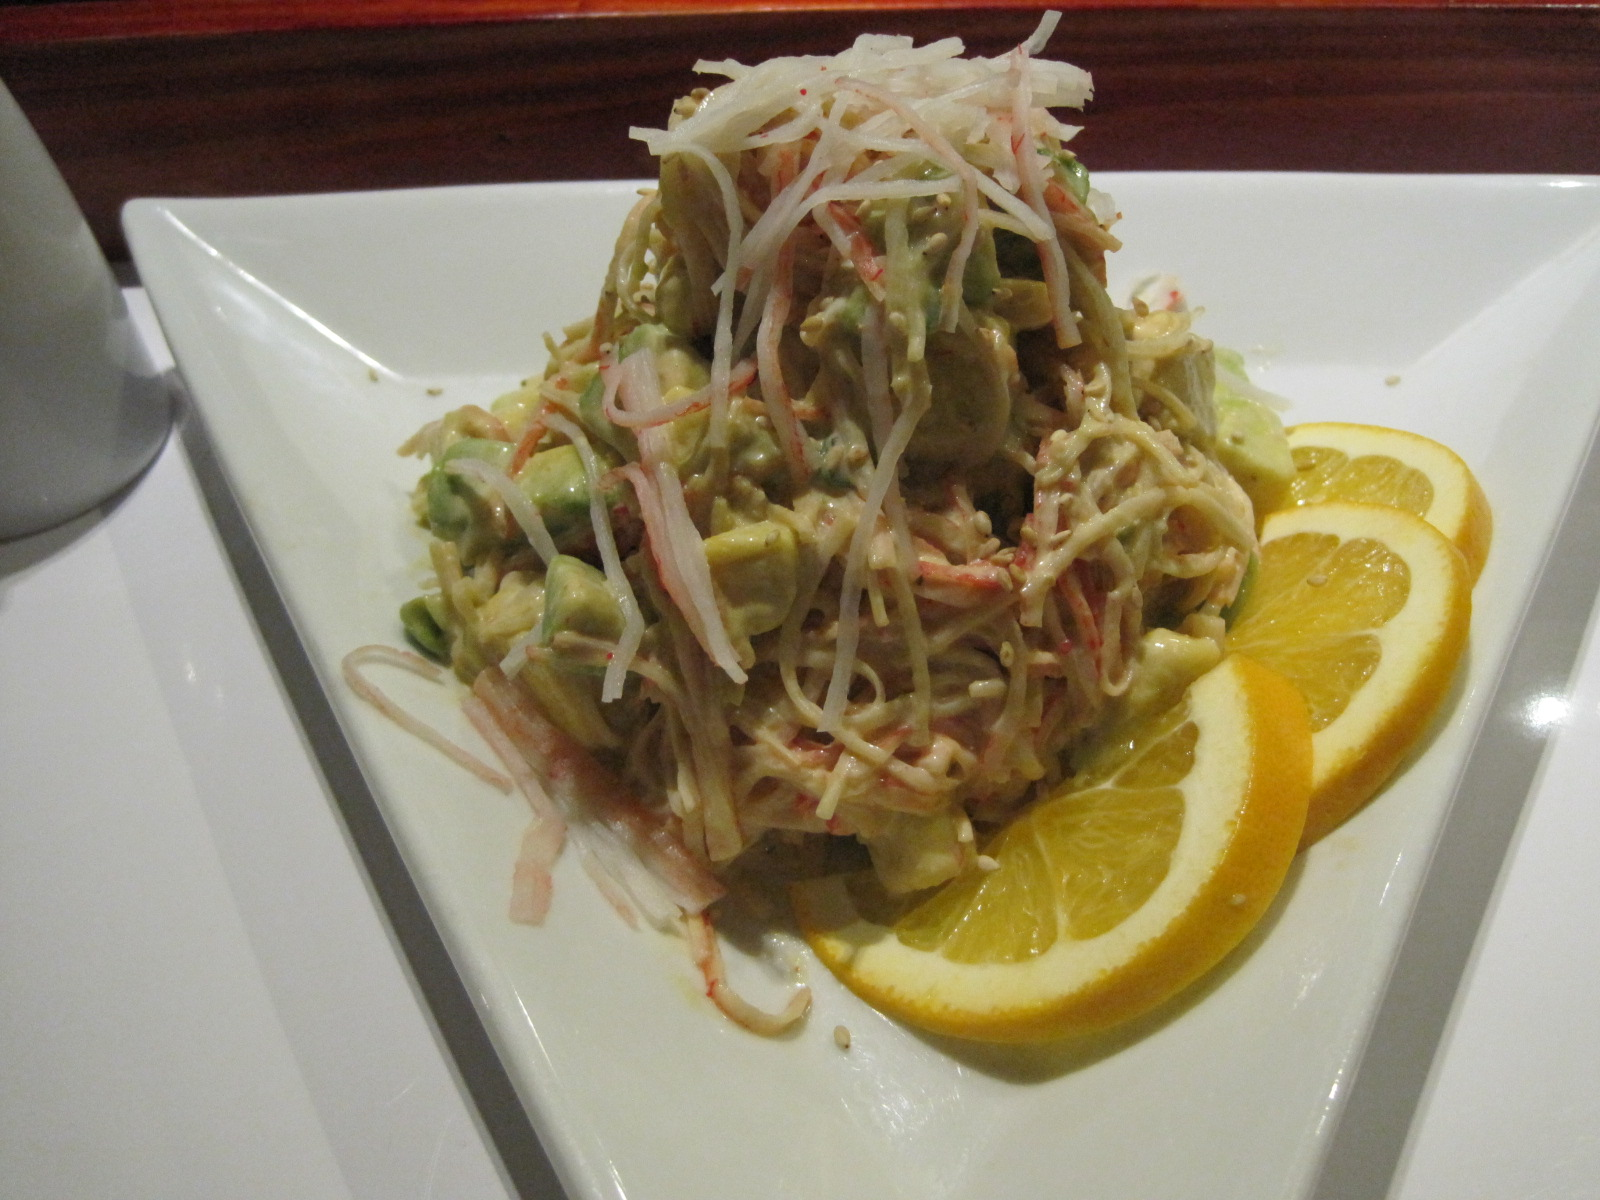 Crab & Avocado Salad Image